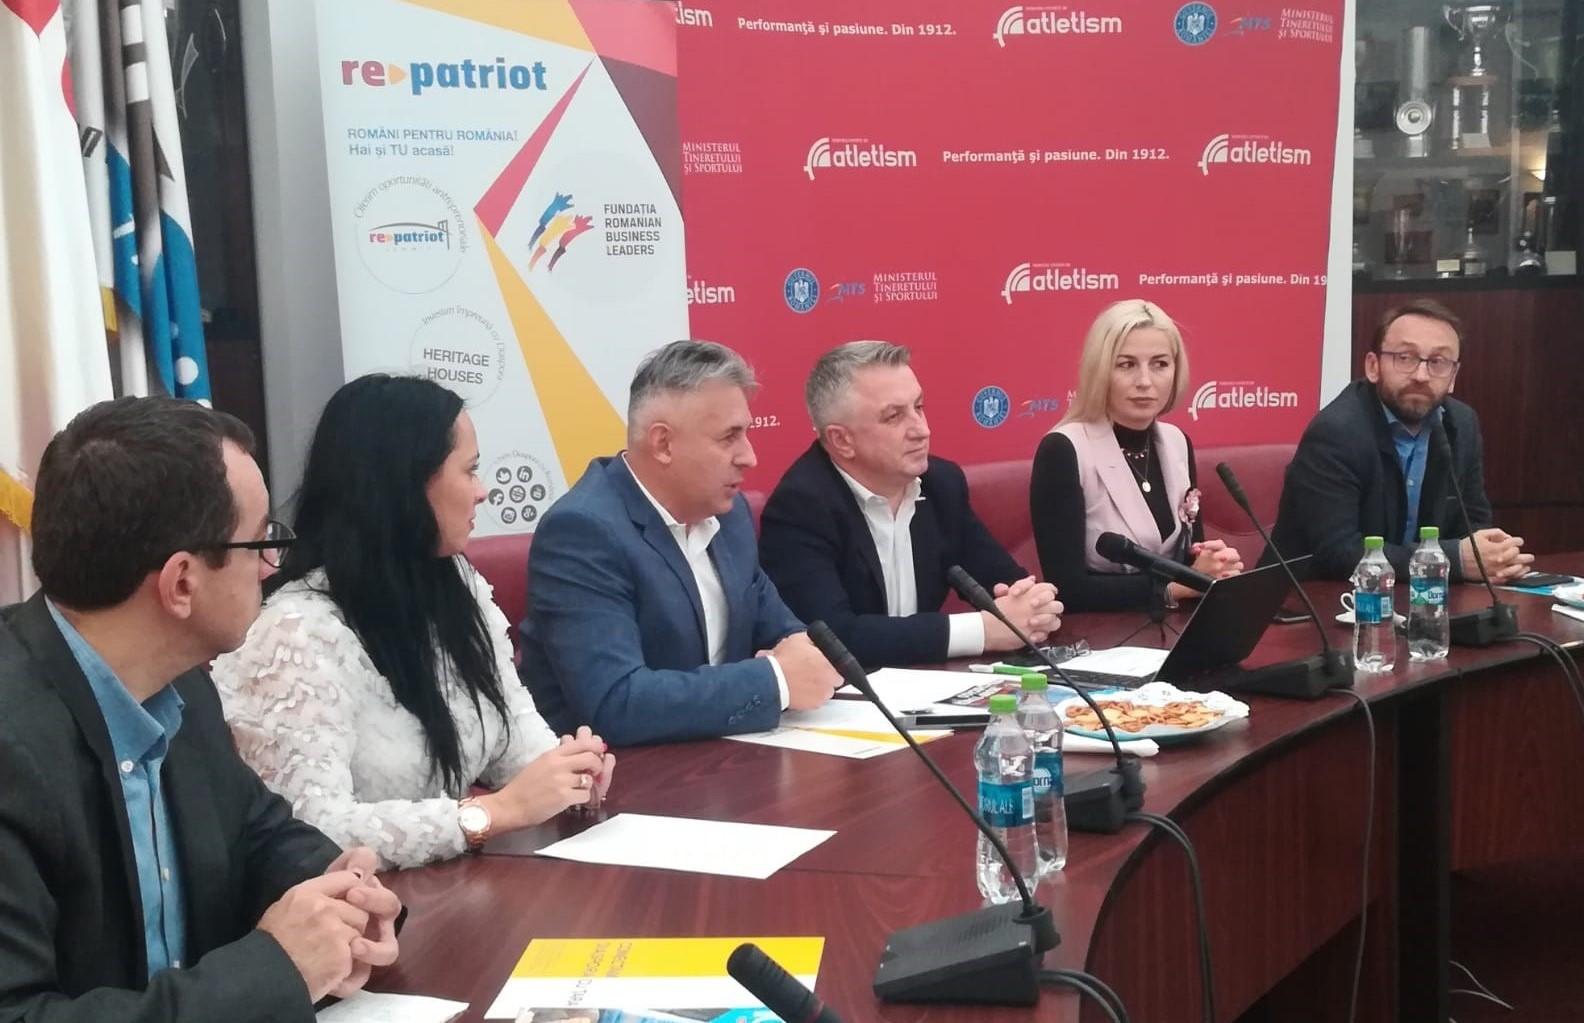 Sportivii români de pretutindeni conectați cu Țara prin RePatriot și Federația Română de Atletism